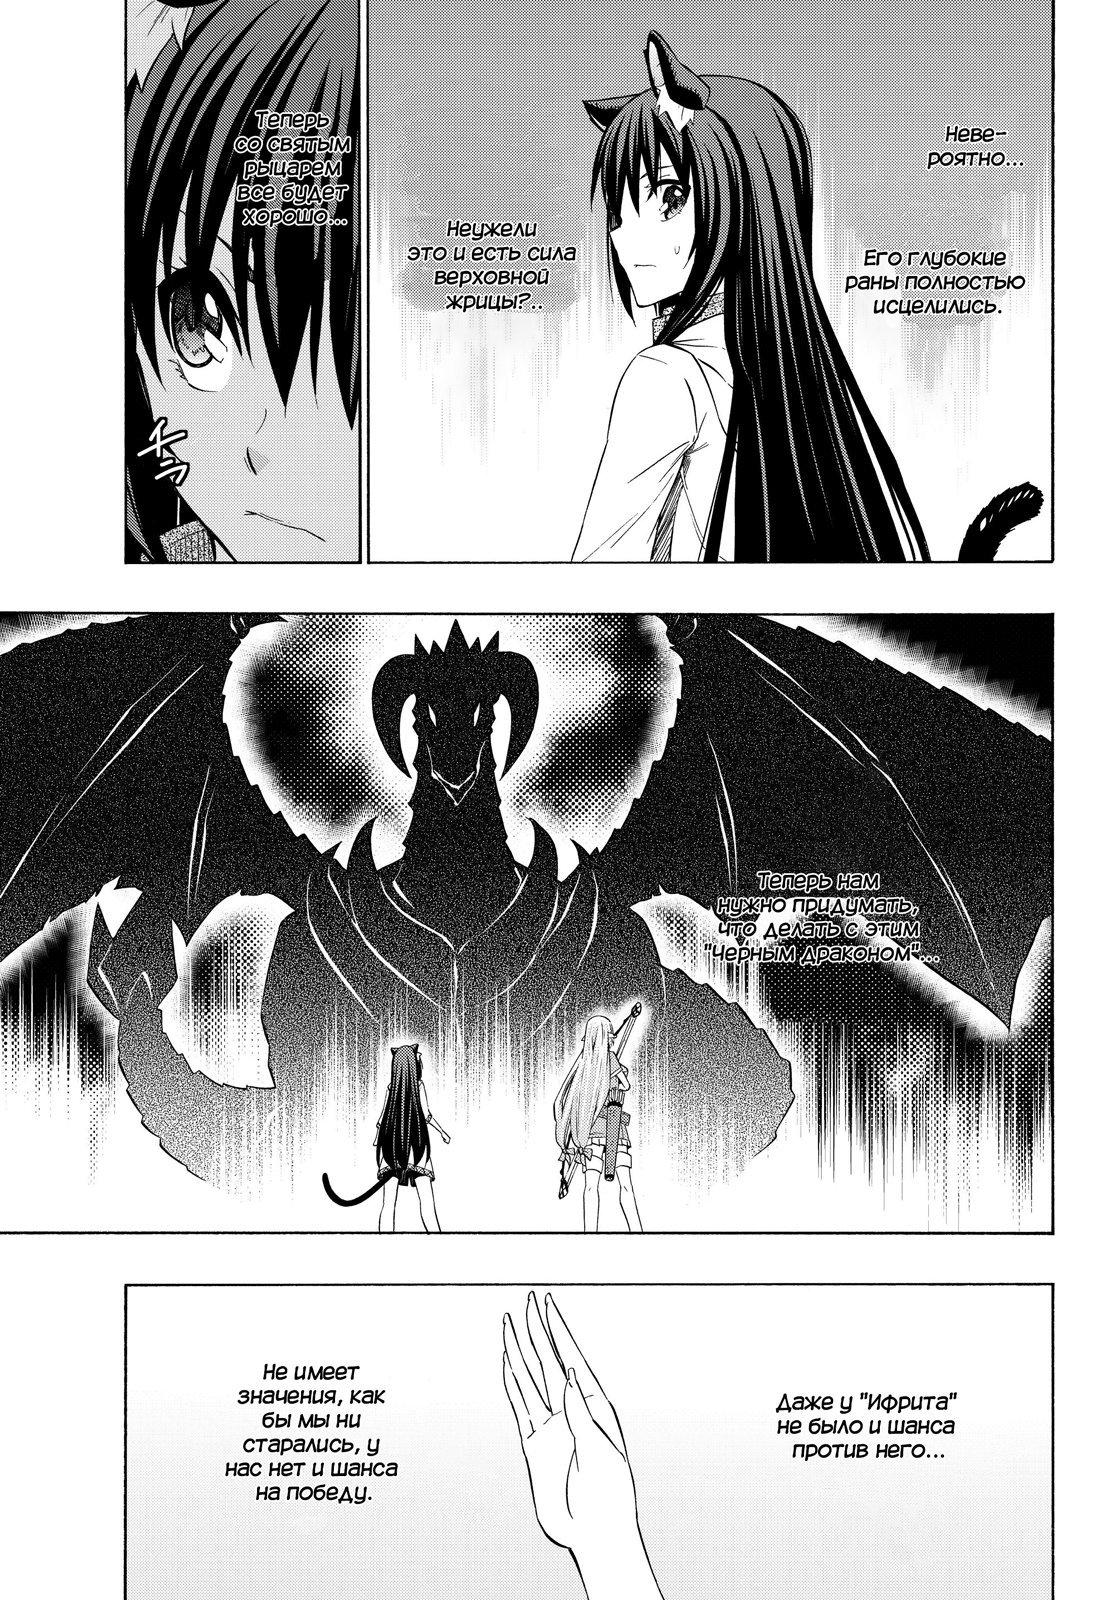 Манга История о повелителе тьмы из другого мира и магии порабощения - Глава 112 Страница 1